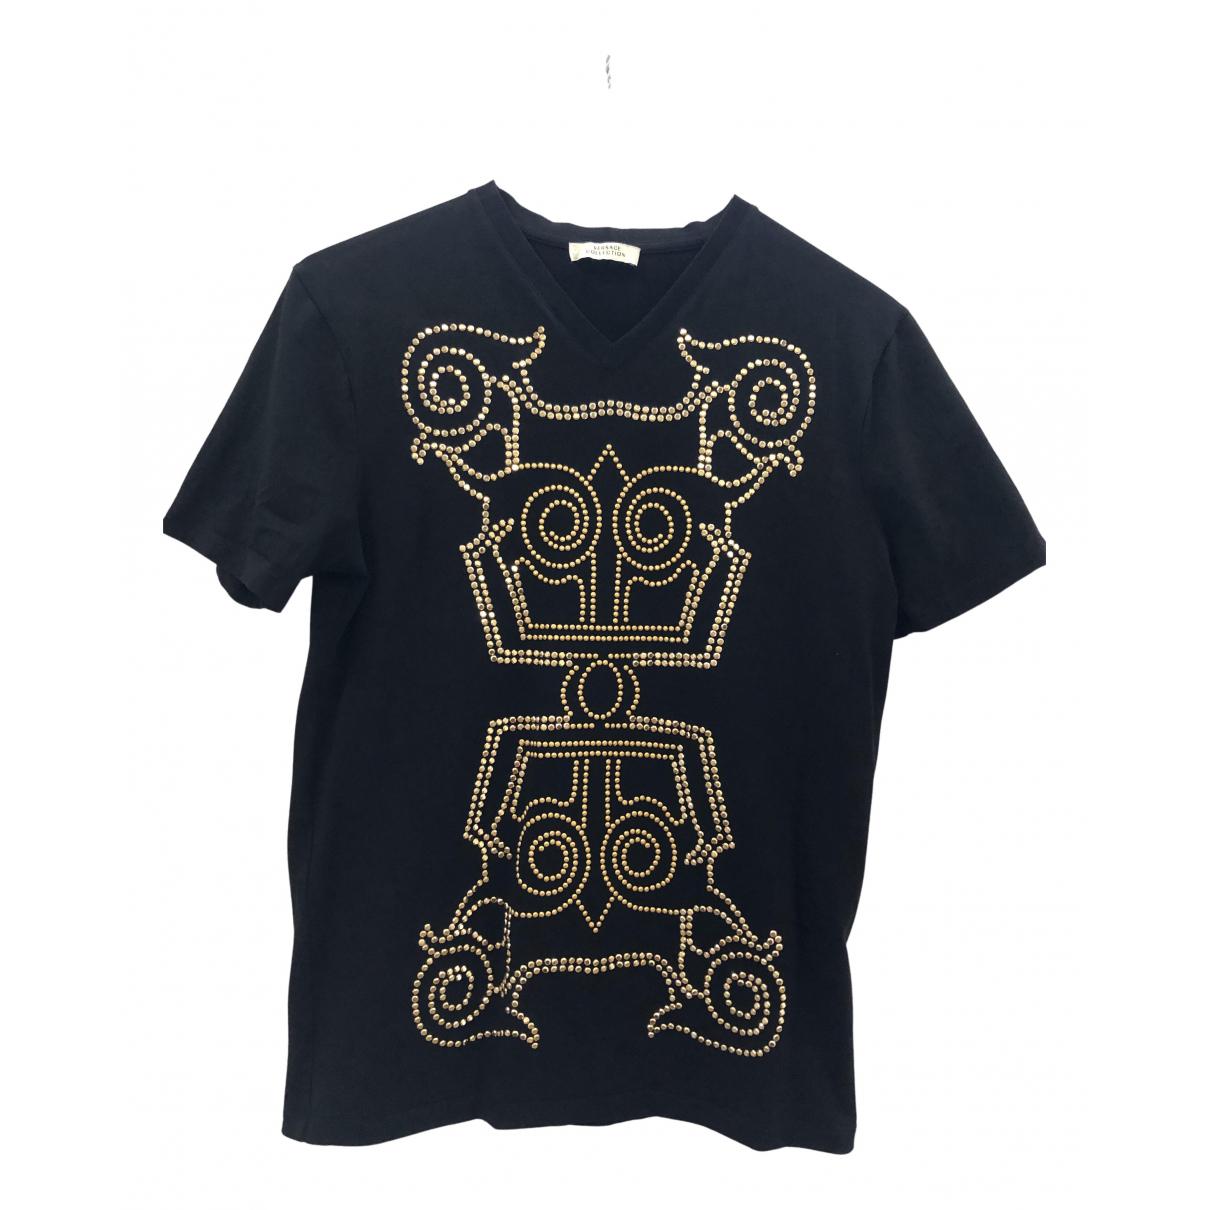 Versace - Tee shirts   pour homme en coton - noir